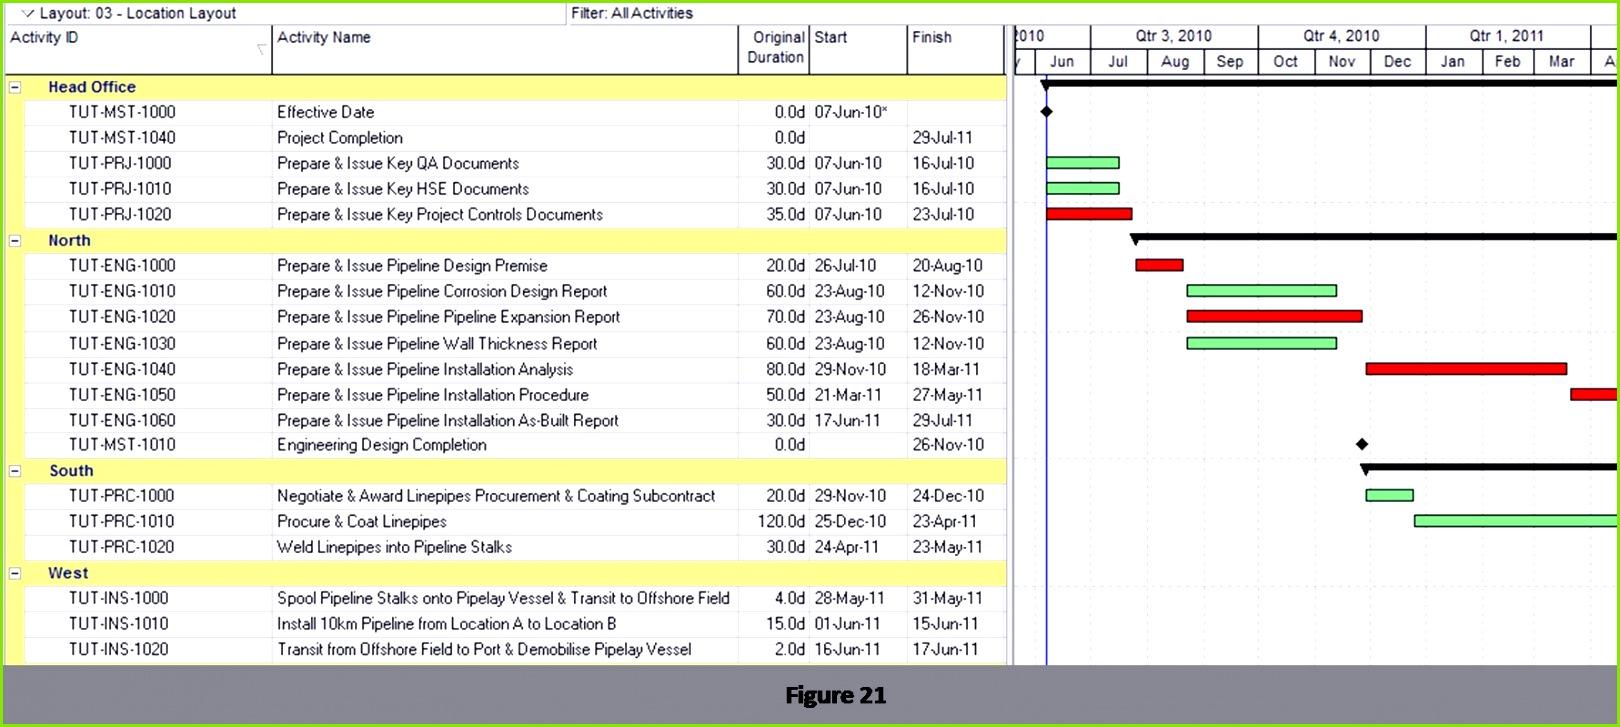 Projektplan Zeitplan Excel Vorlage Kostenlos durchgehend Different Gantt Diagramm Excel Vorlage Neu Zeitplan Excel Vorlage Oder Excel